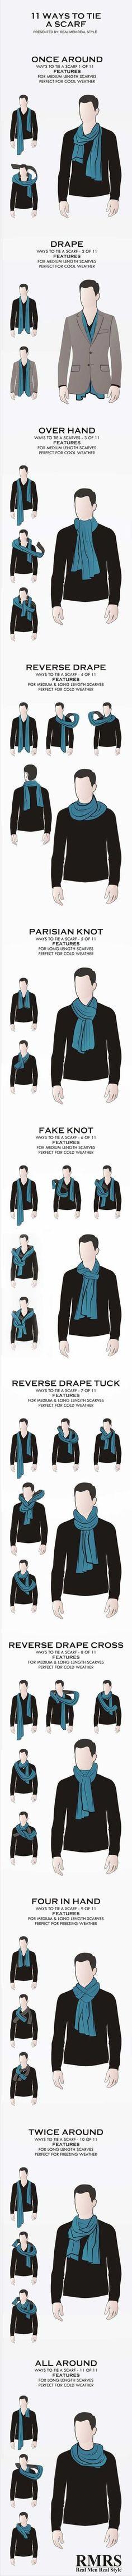 Infografía con 11 maneras de usar una bufanda (hombres) – Traxxo